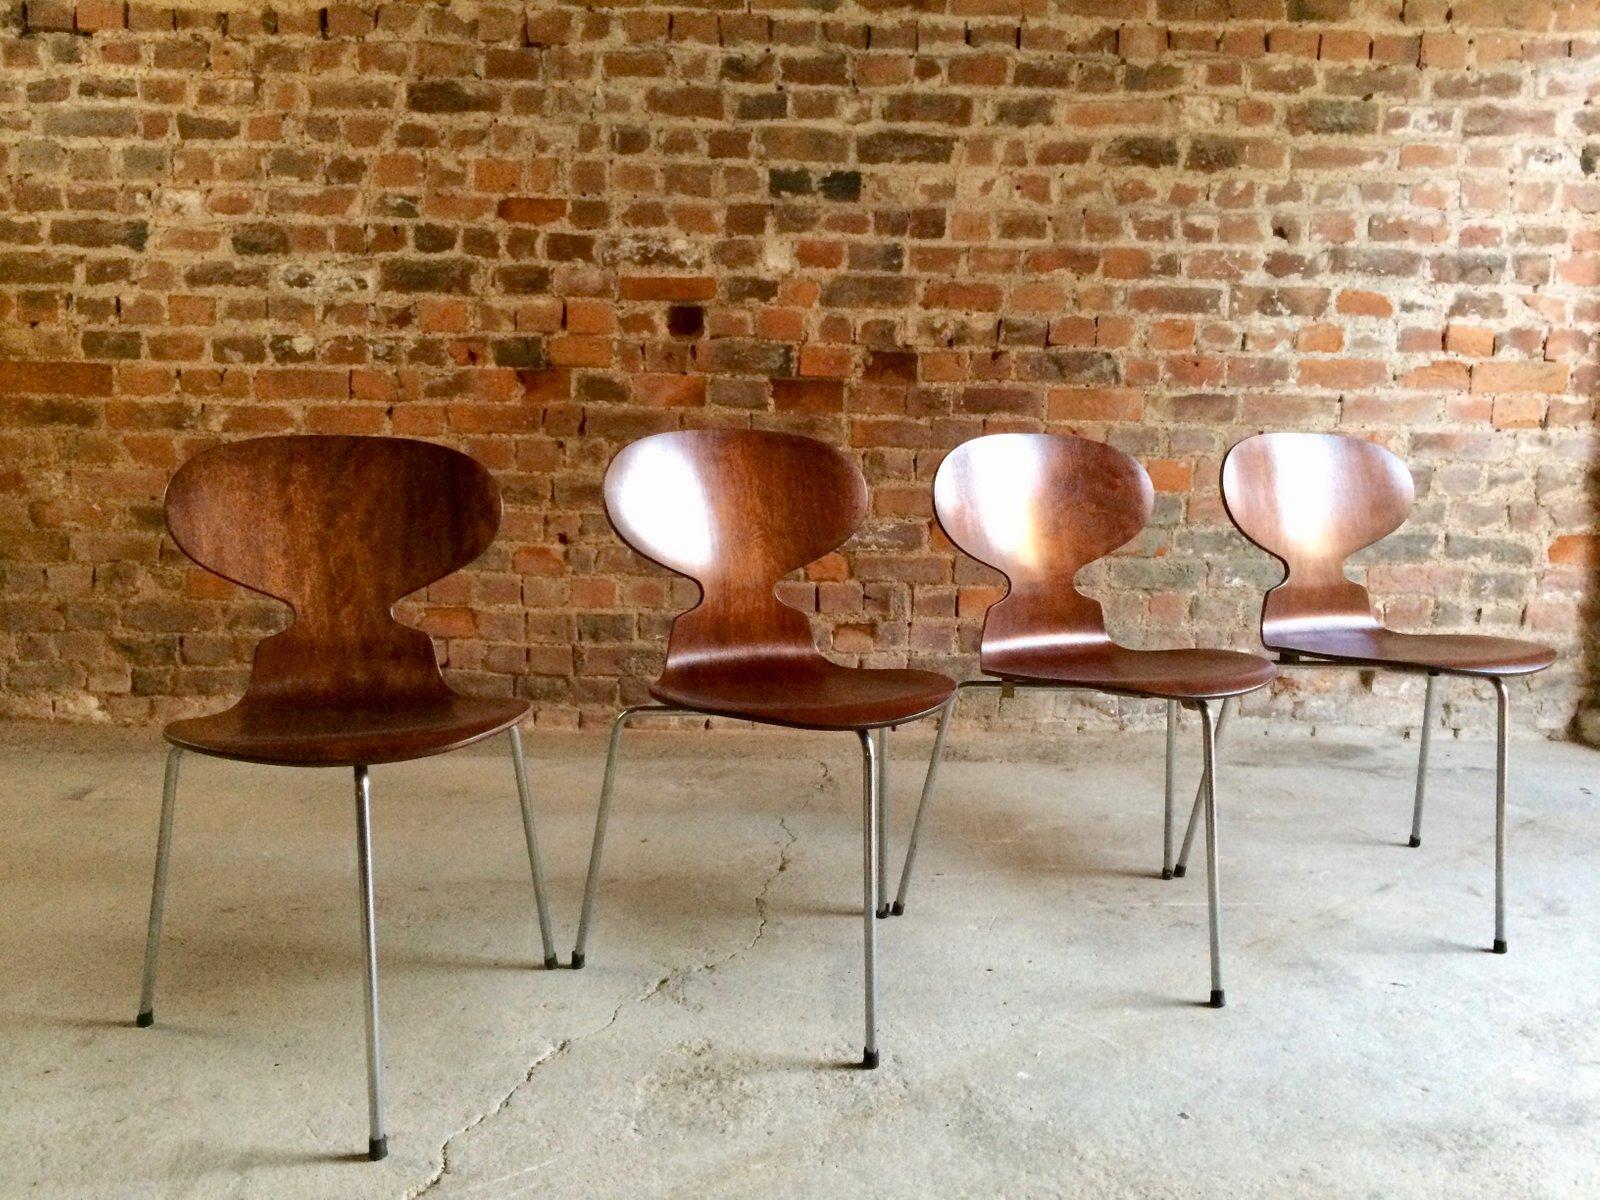 tisch 4 ant st hle von arne jacobsen f r fritz hansen 1950er bei pamono kaufen. Black Bedroom Furniture Sets. Home Design Ideas